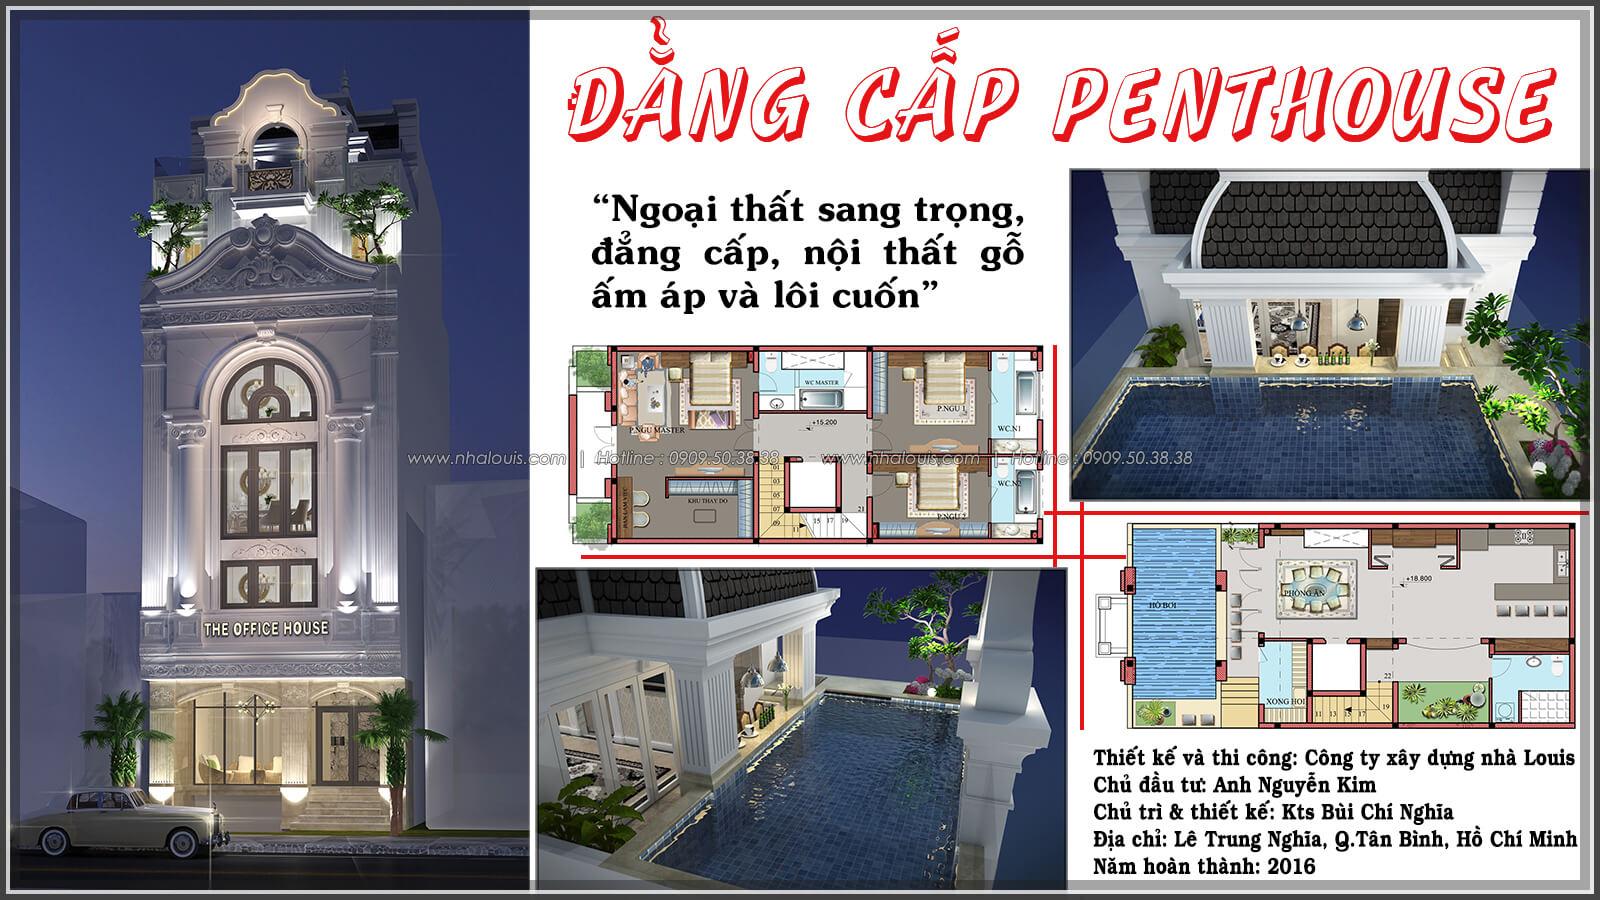 Đẳng cấp thiết kế penthouses với nội thất cực chất anh Kim quận Tân Bình - 1